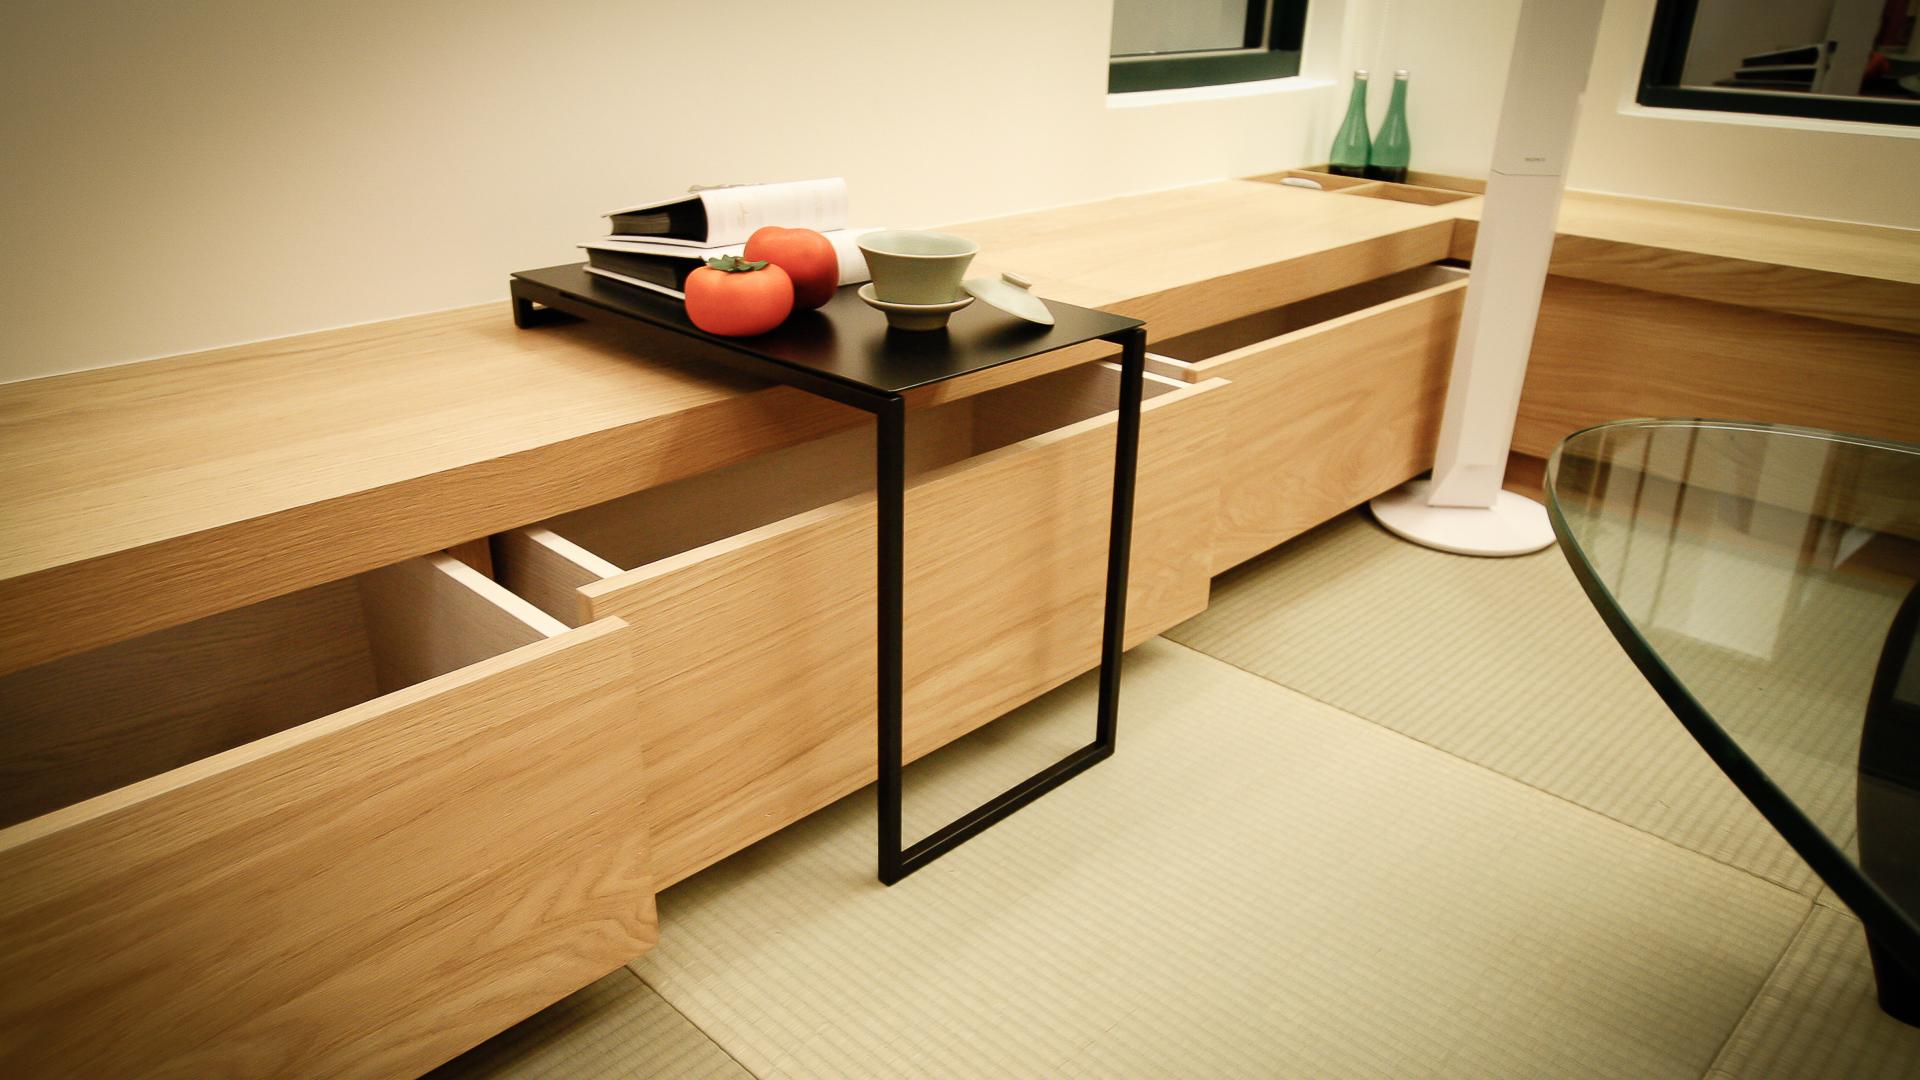 0012_室內設計師推薦風格現代東方風New JP style-31